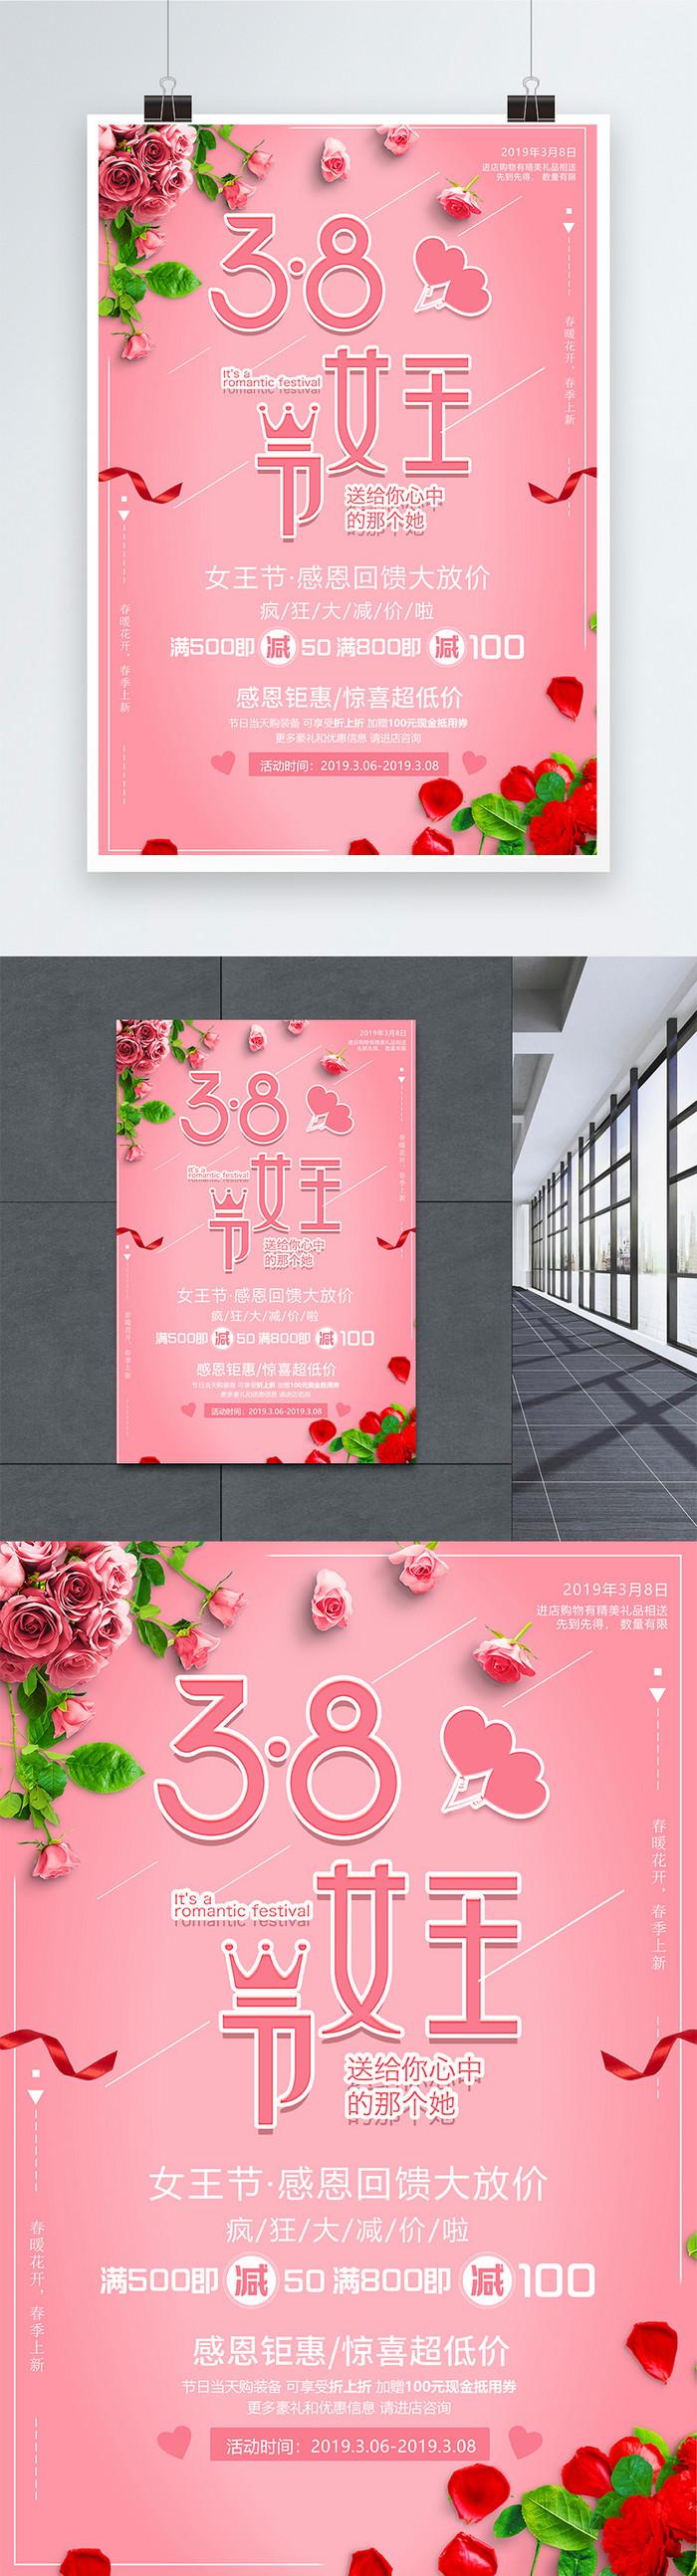 粉色3.8女王節日海報